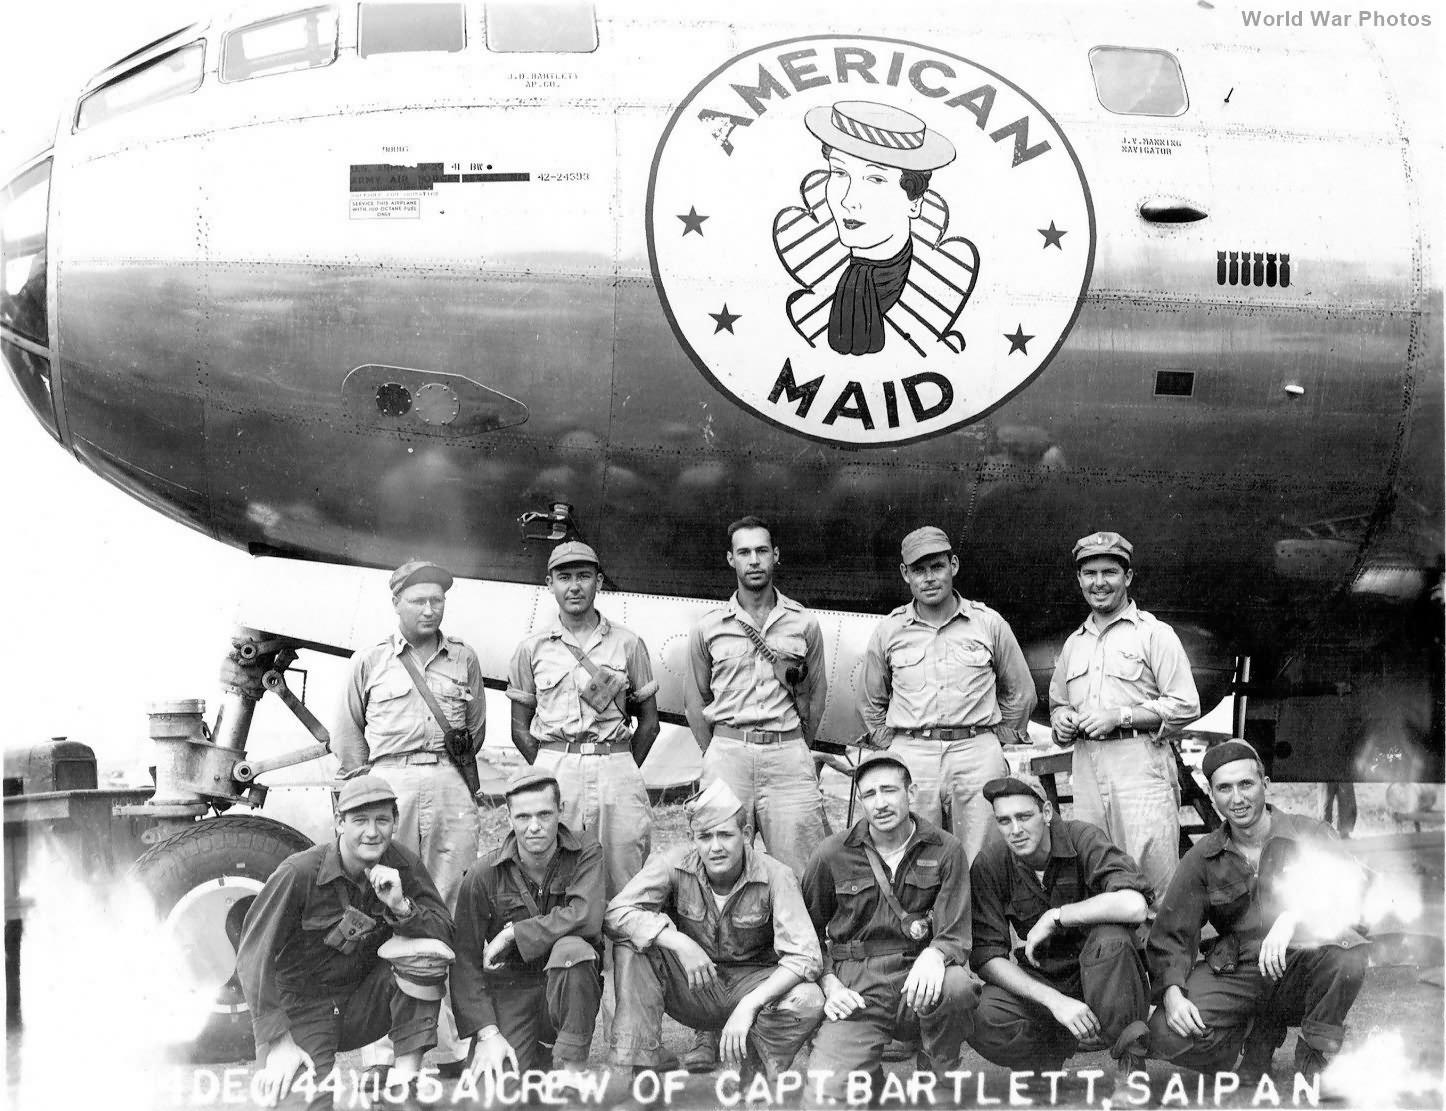 B-29 42-24593 American Maid of the 497th BG, 869th BS Saipan